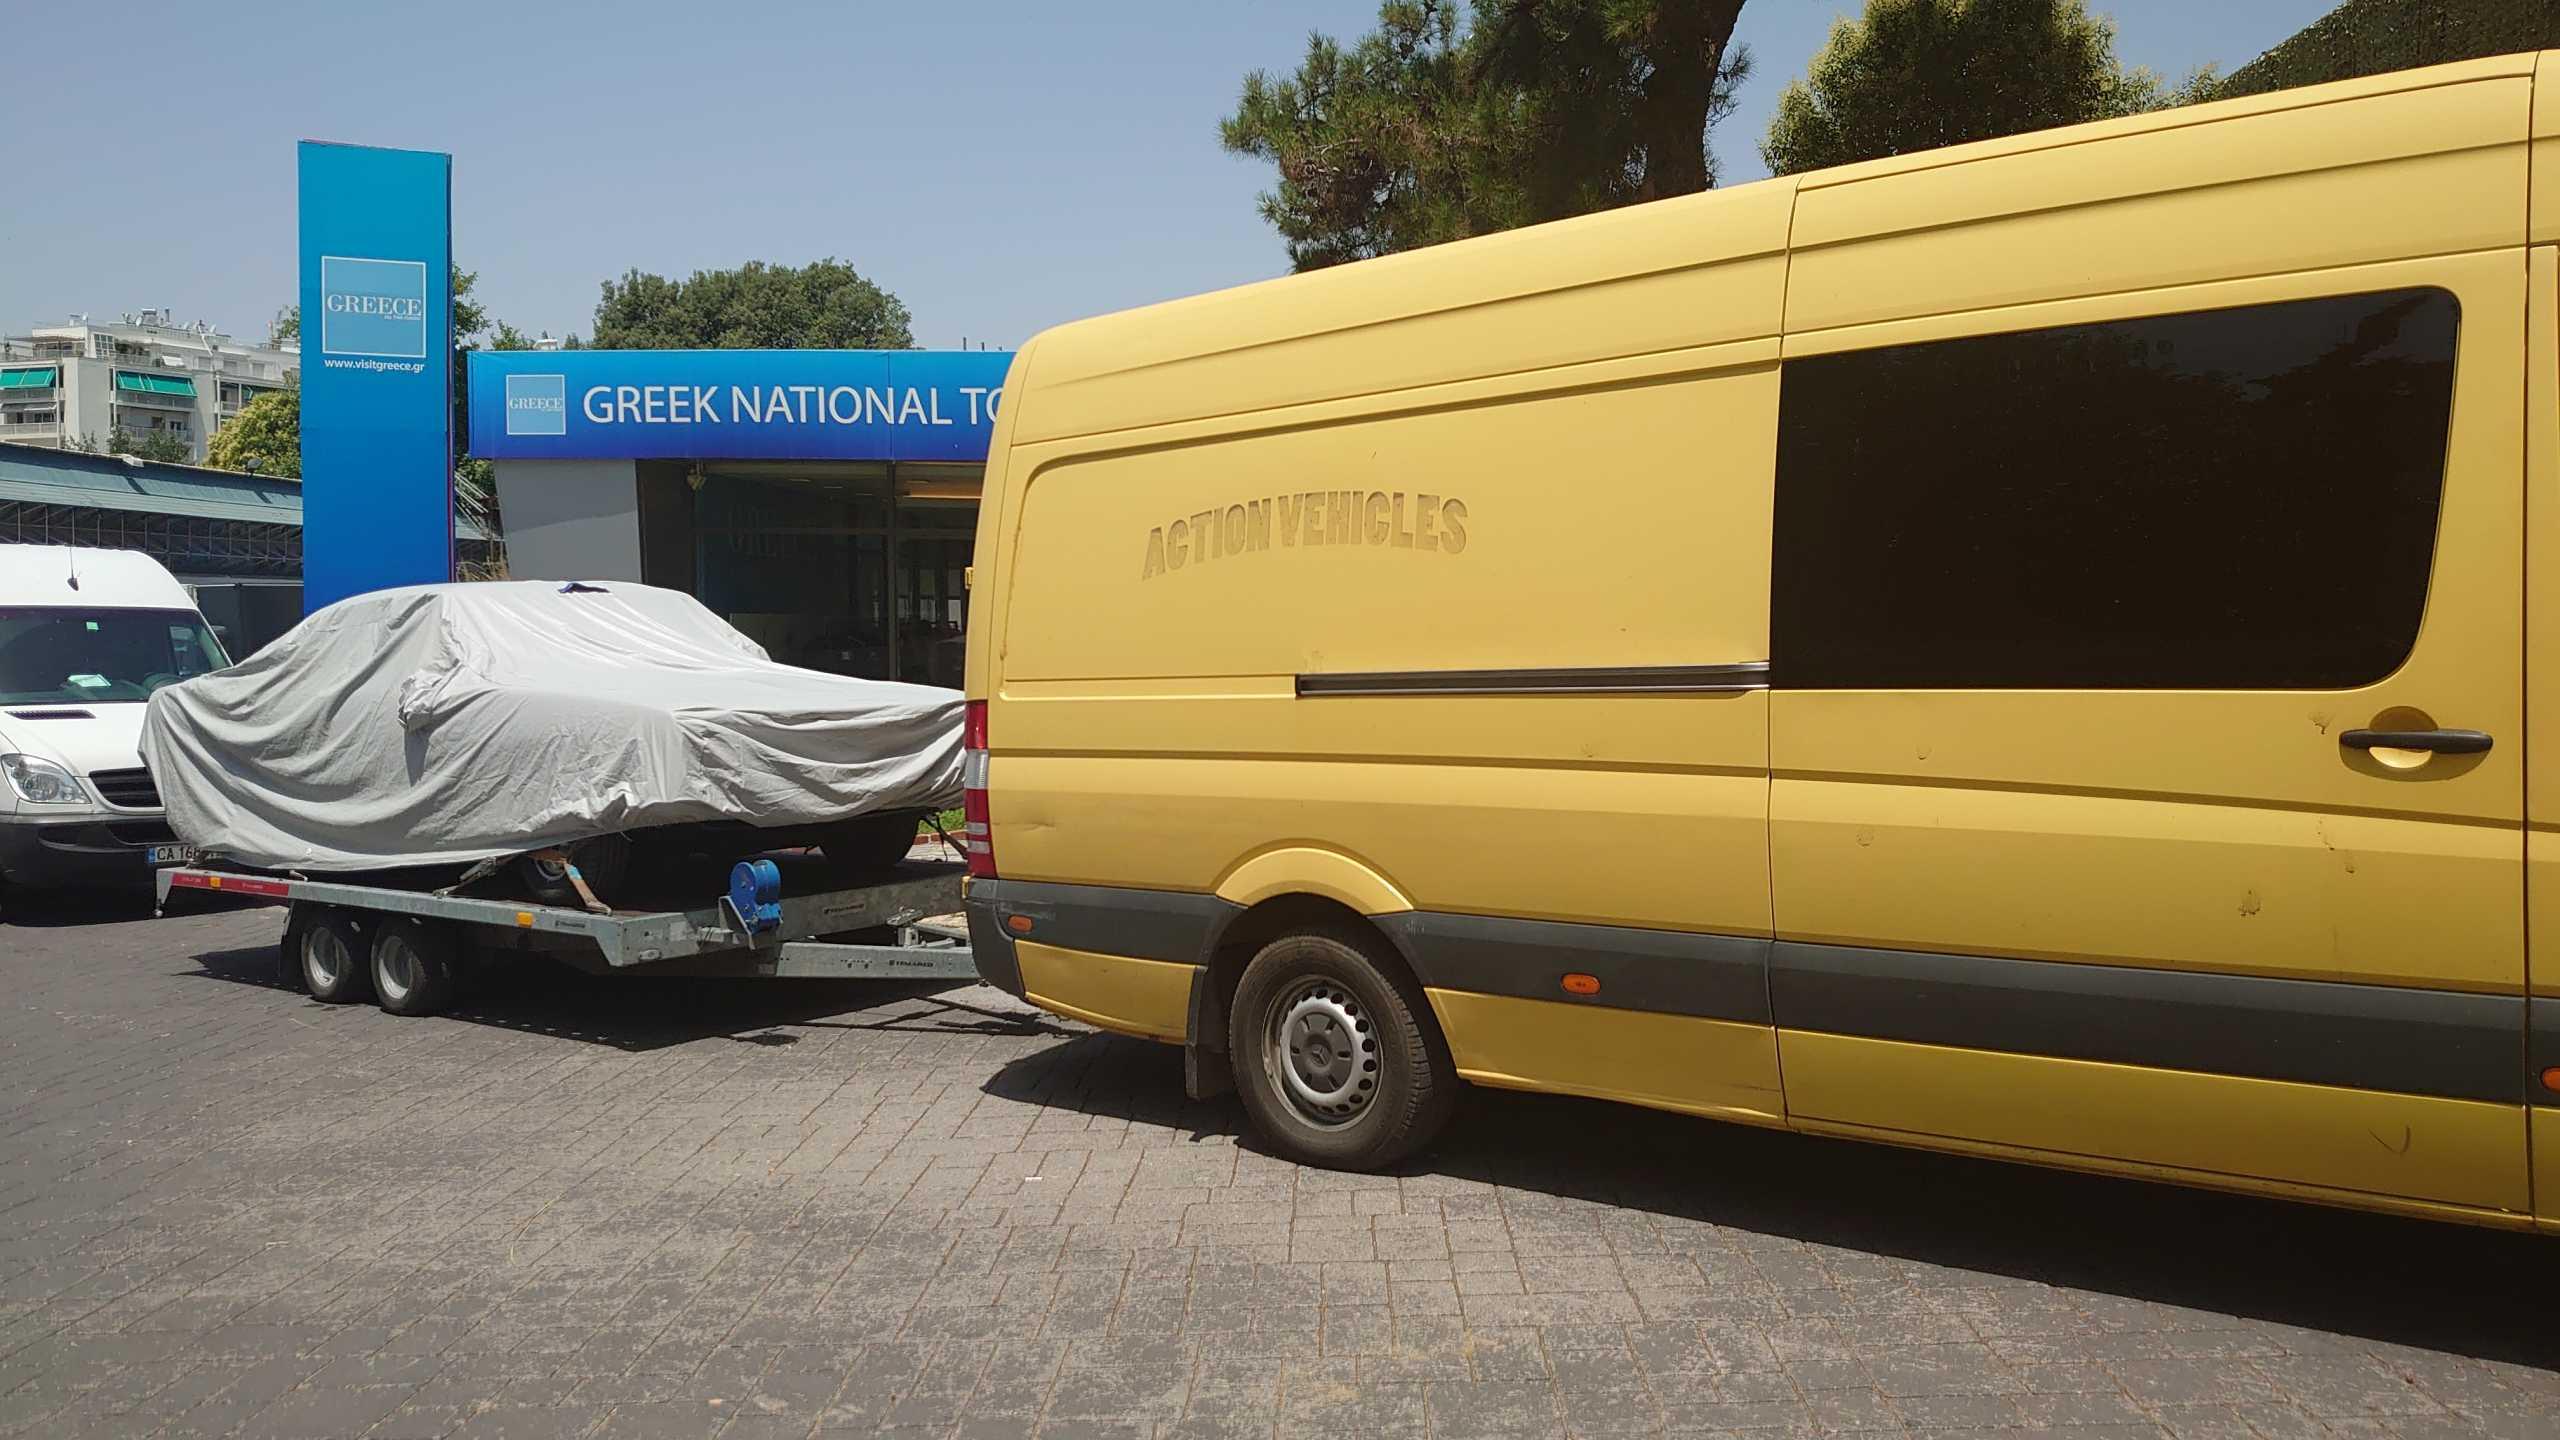 """Αντόνιο Μπαντέρας: Τα νέα γυρίσματα της ταινίας """"The Enforcer"""" στο λιμάνι της Θεσσαλονίκης"""